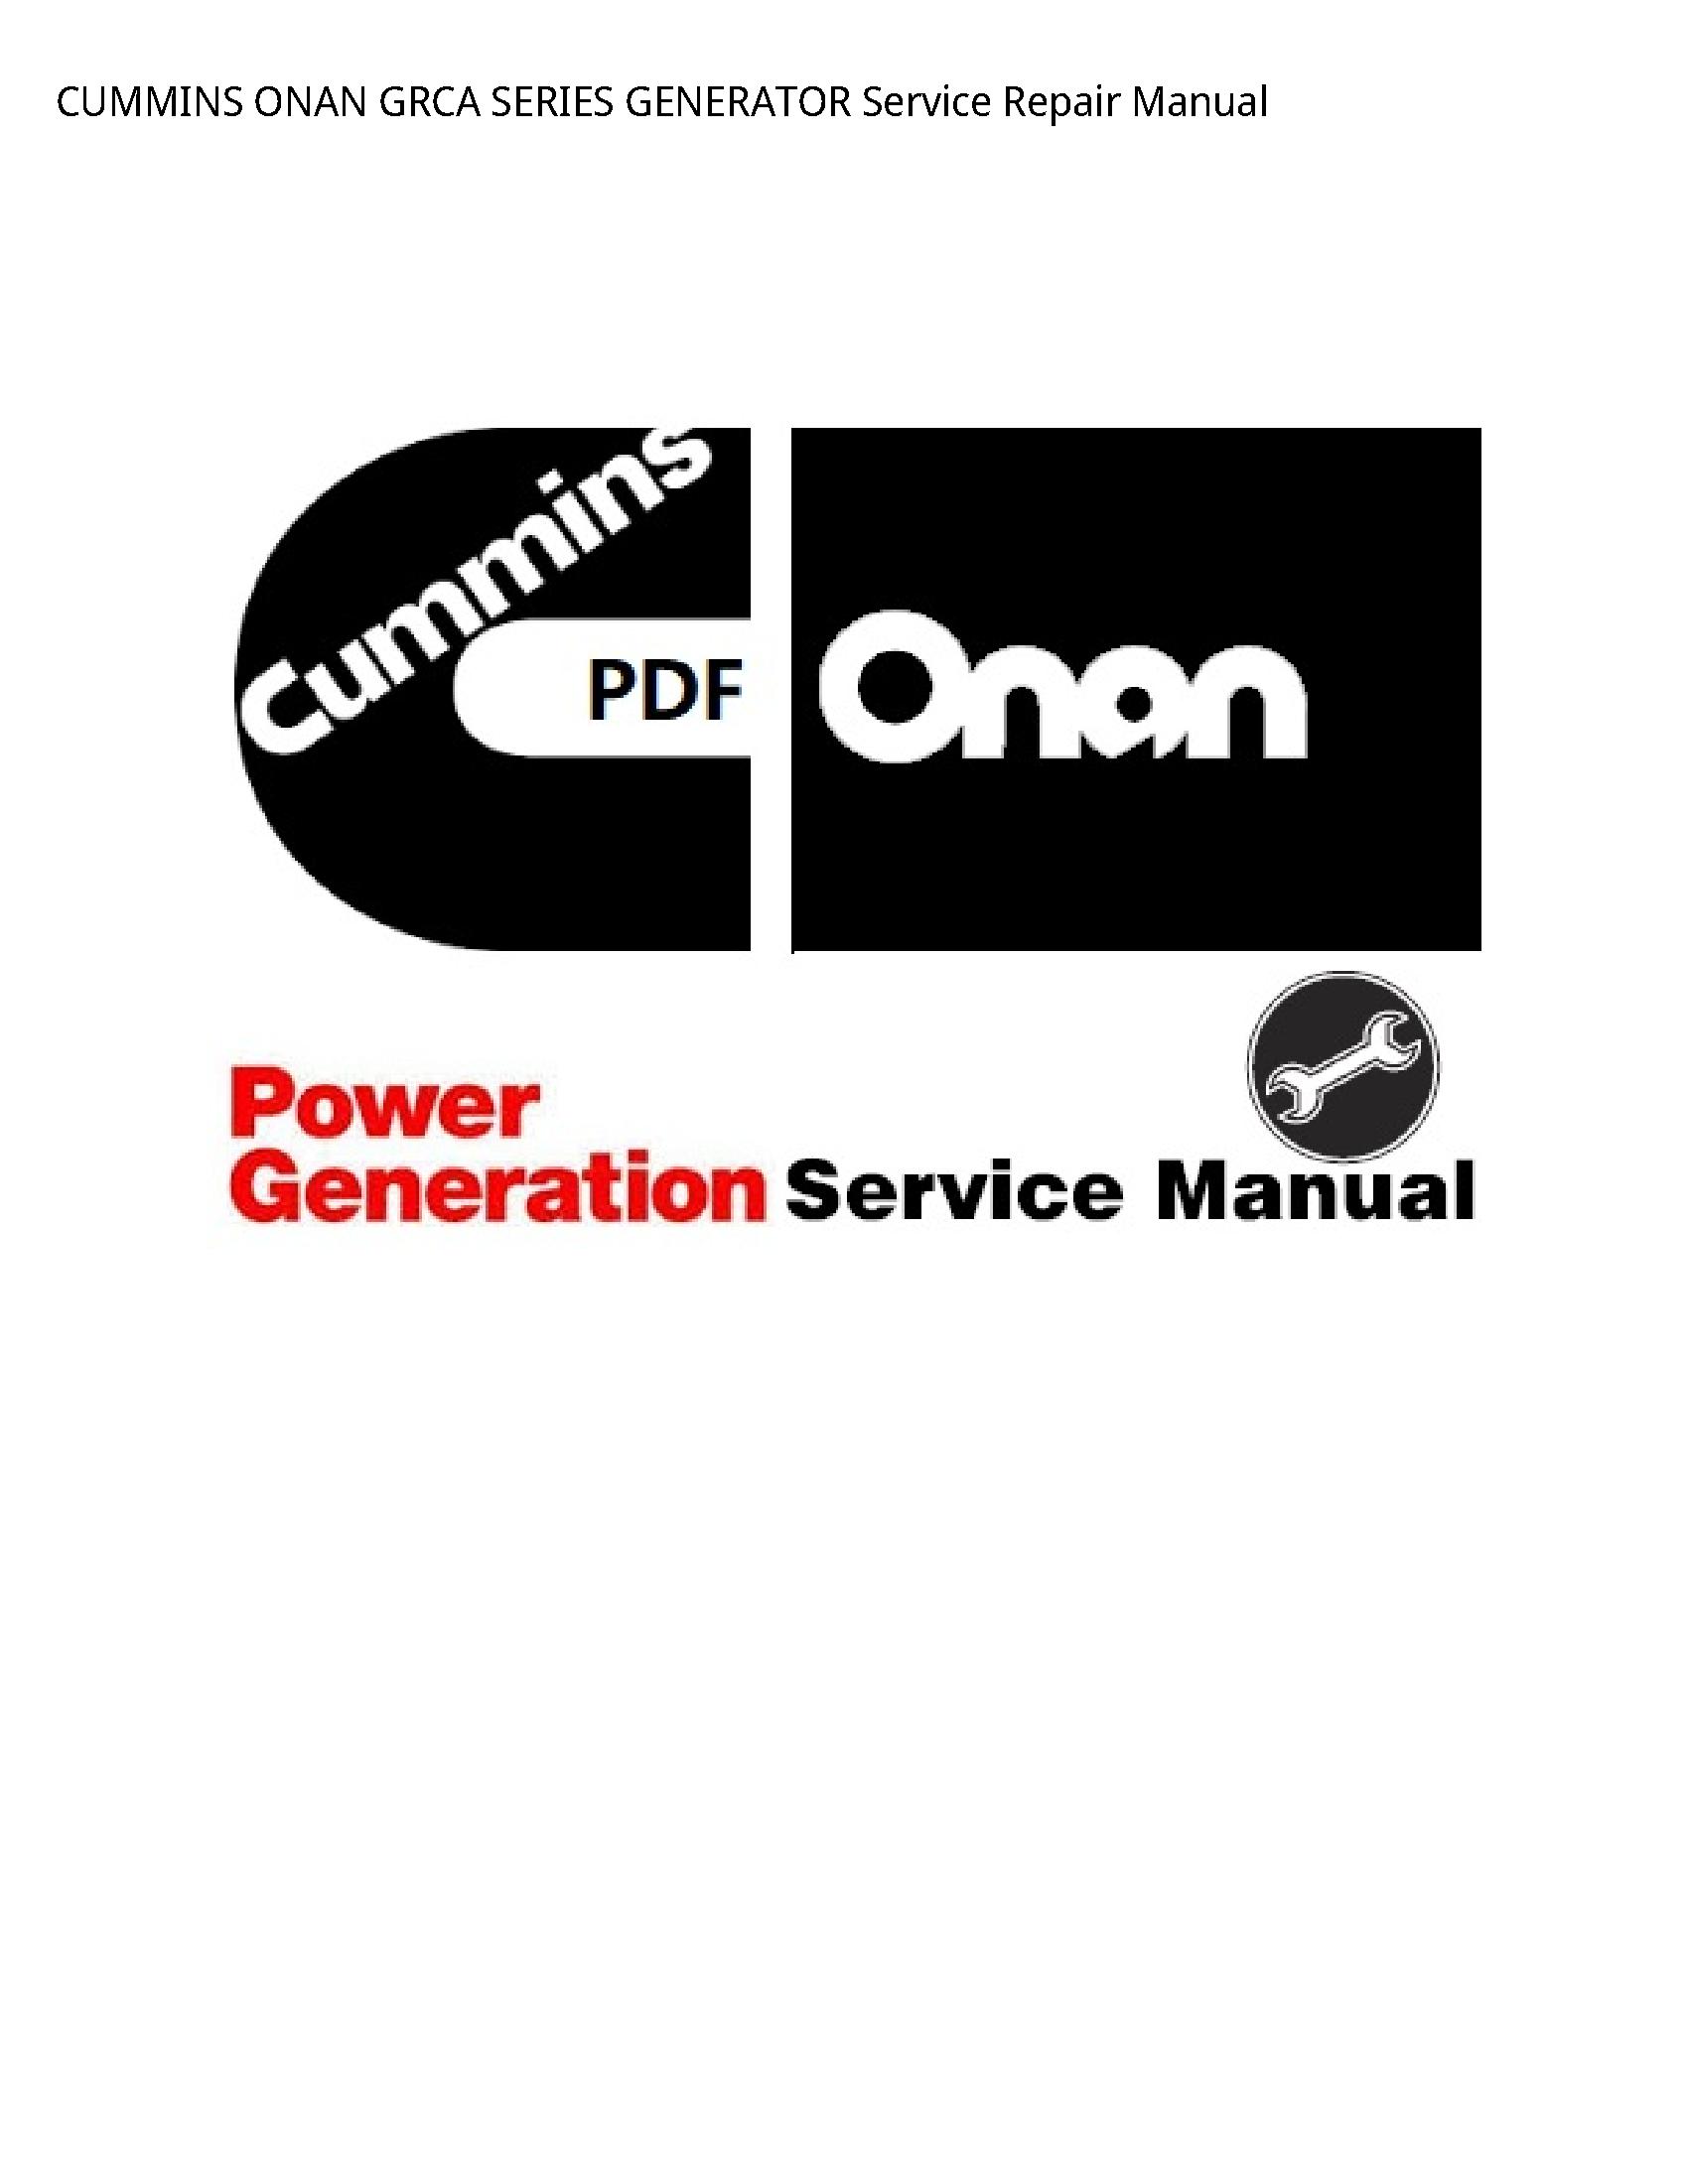 Onan GRCA SERIES GENERATOR manual